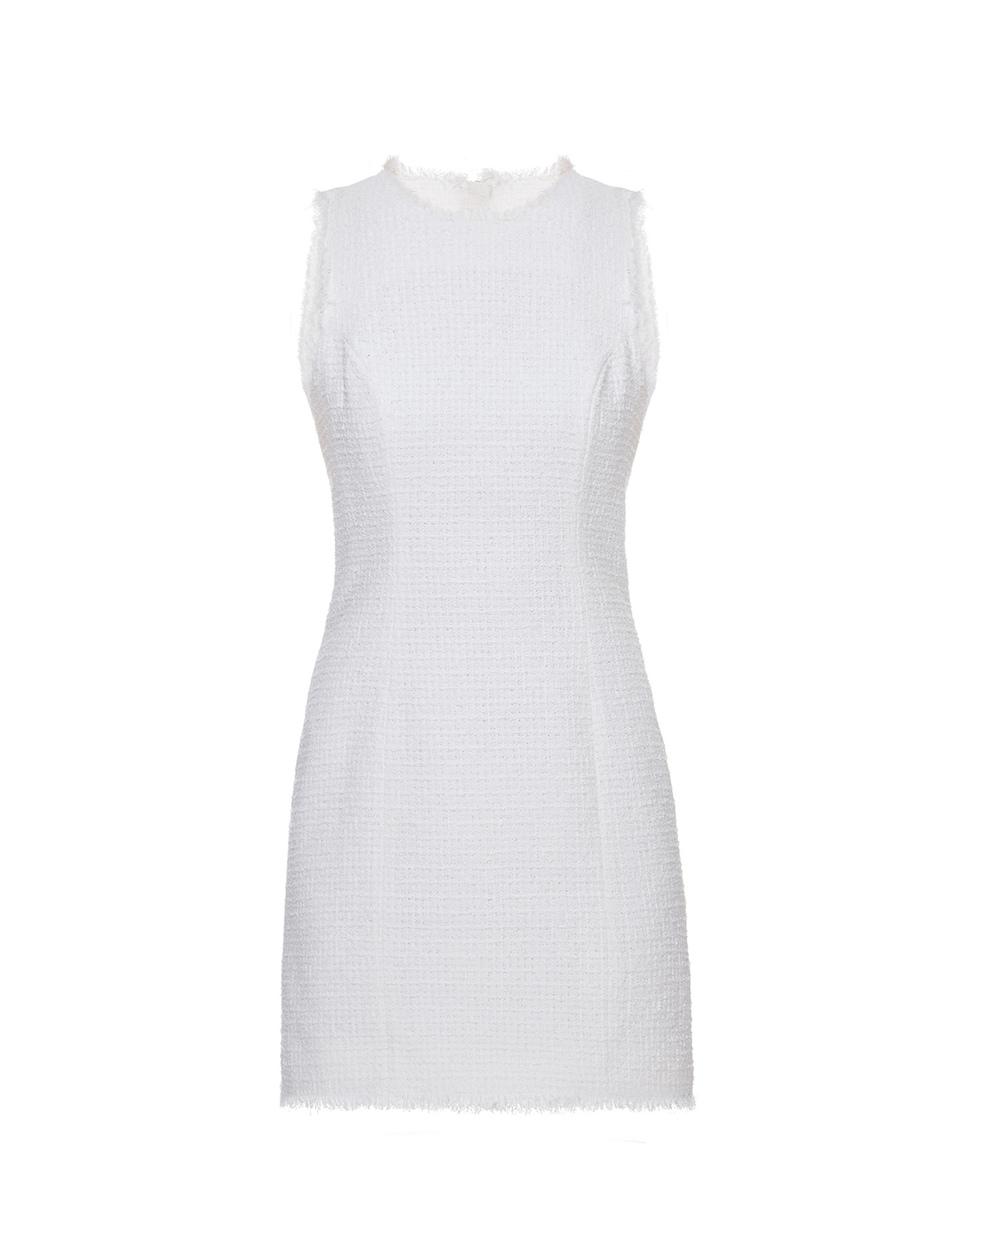 Твидовое платье Balmain UF16104C257 — Kameron